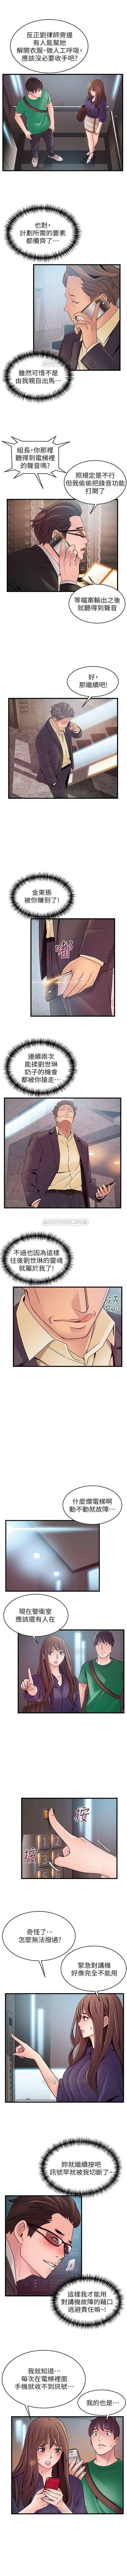 (週7)弱點 1-76 中文翻譯(更新中) 379